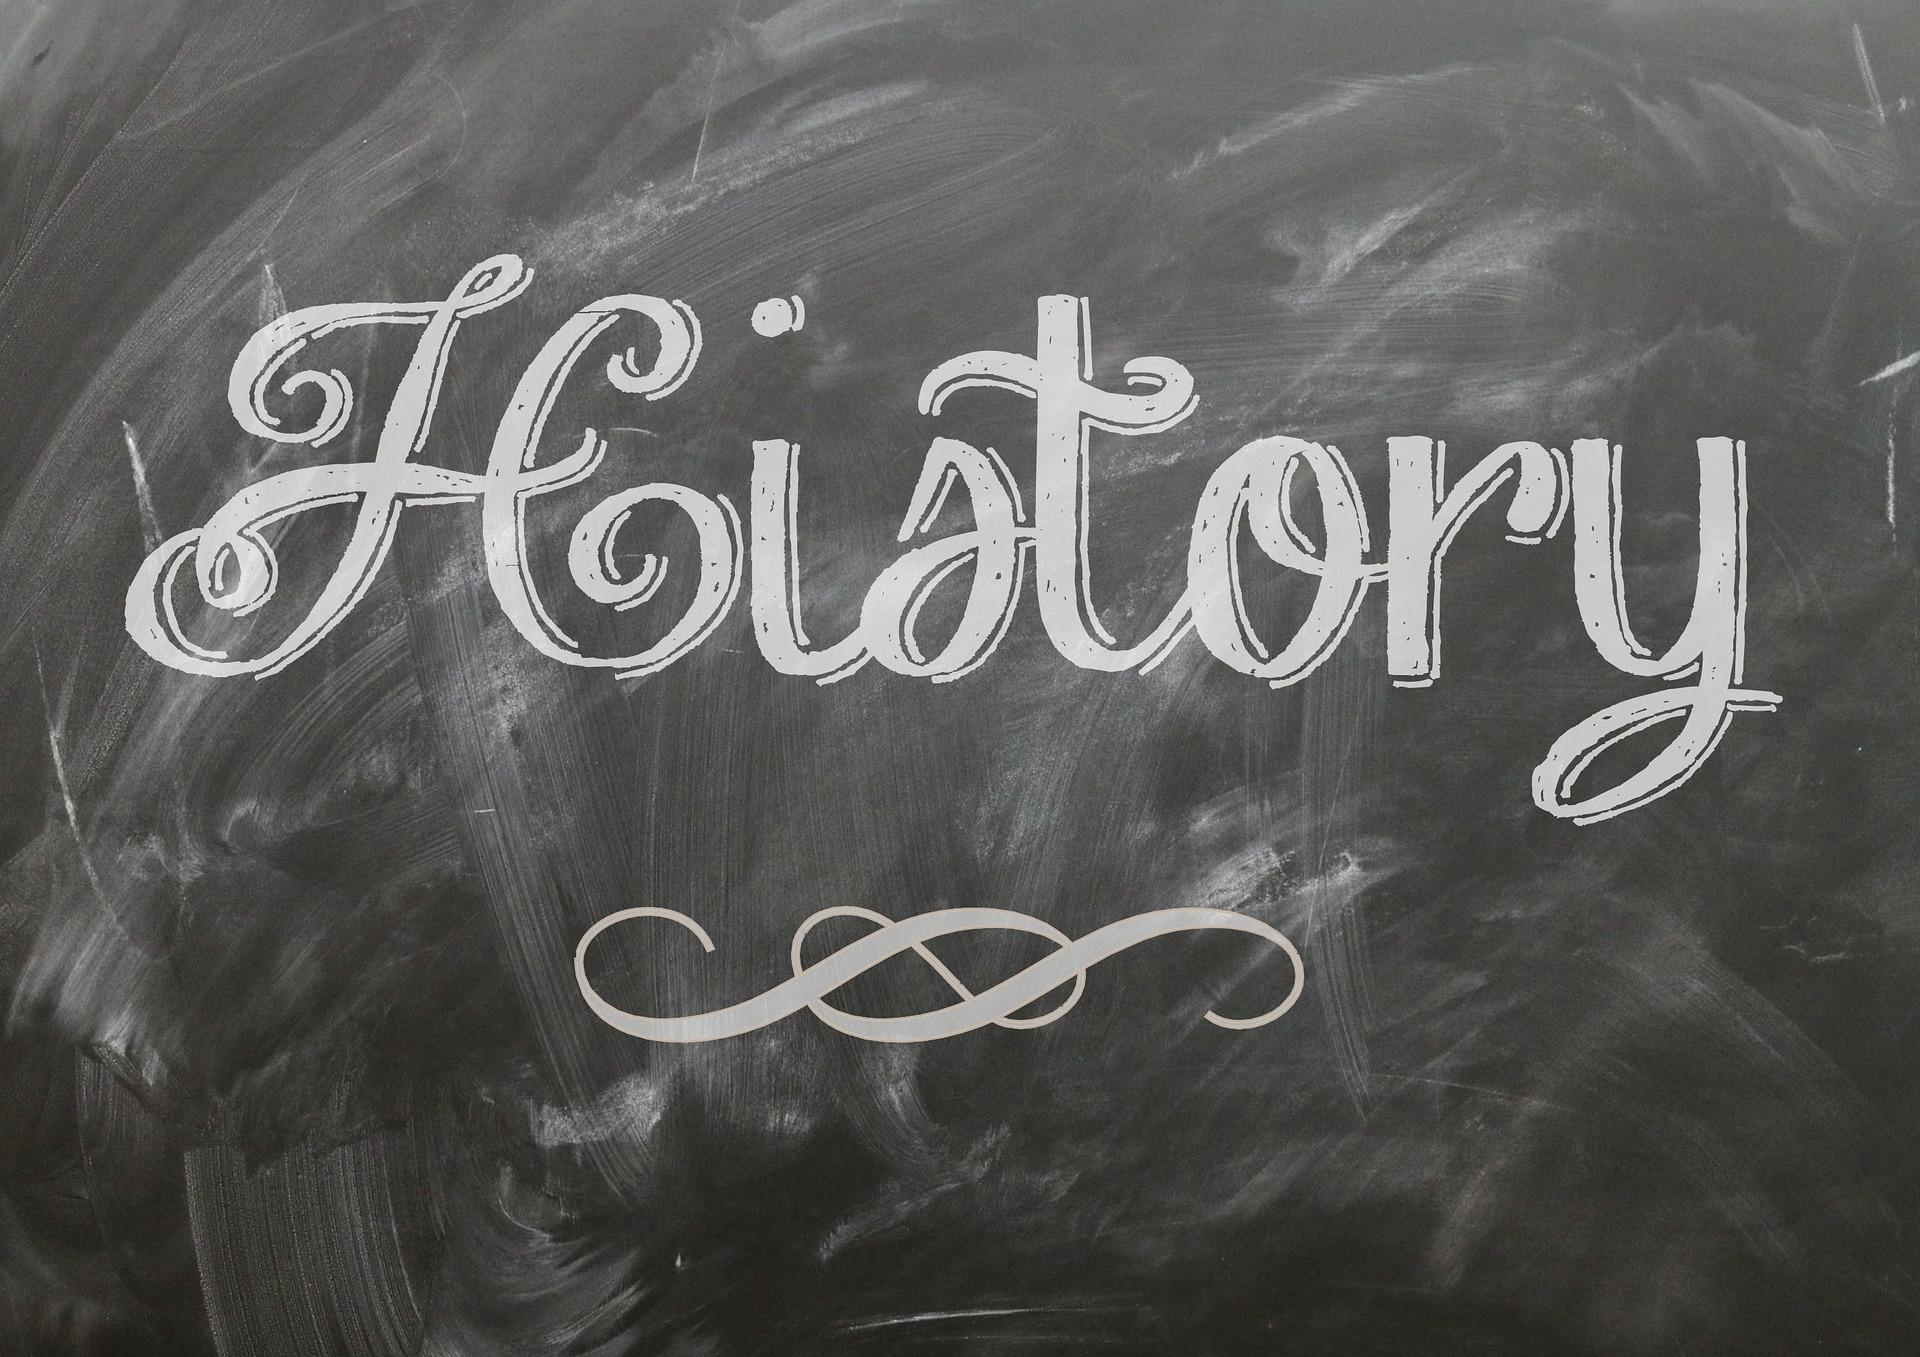 History on blackboard